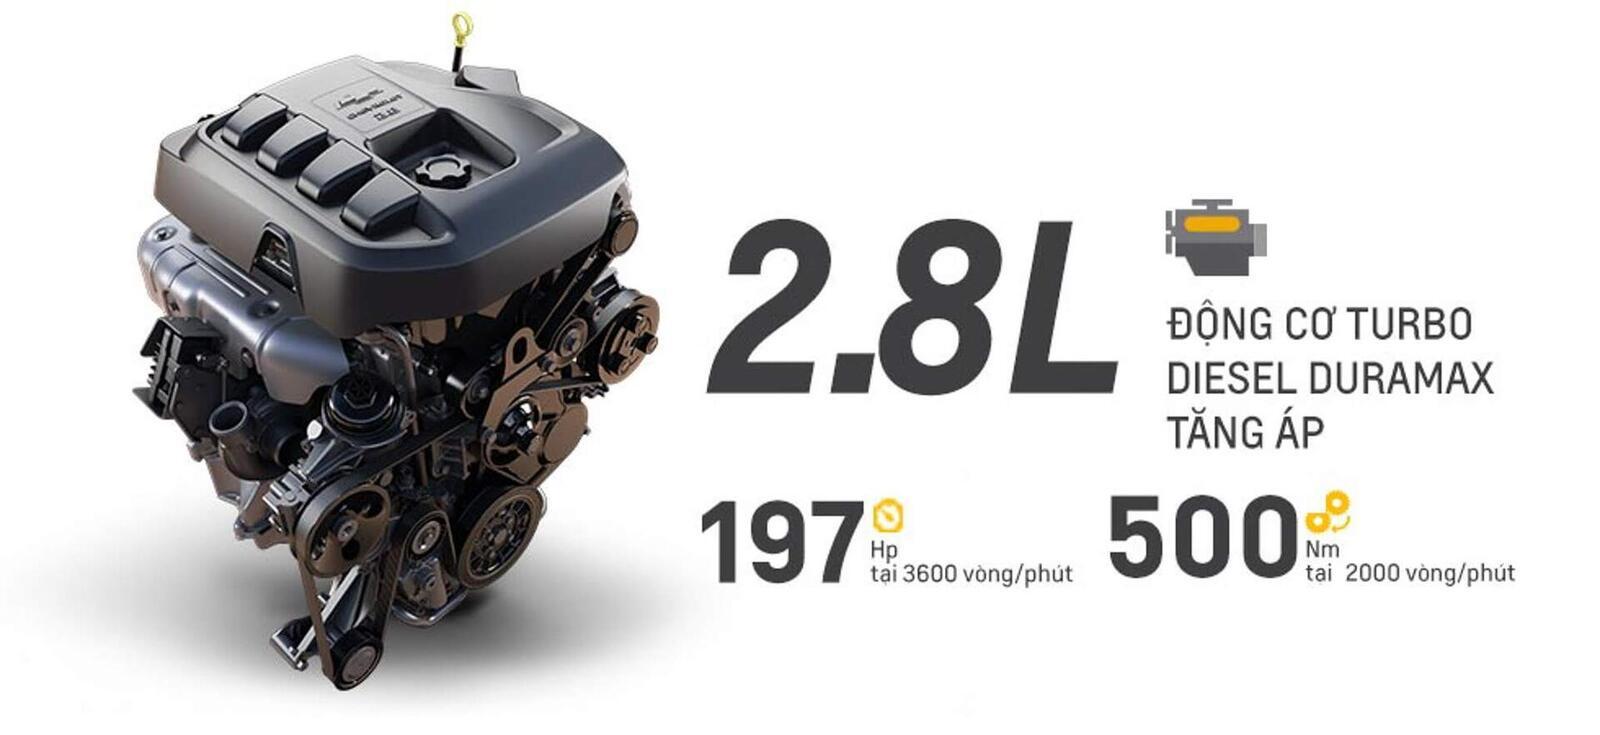 Chevrolet Trailblazer đã có giá bán; chỉ từ 859 triệu đồng - Hình 4